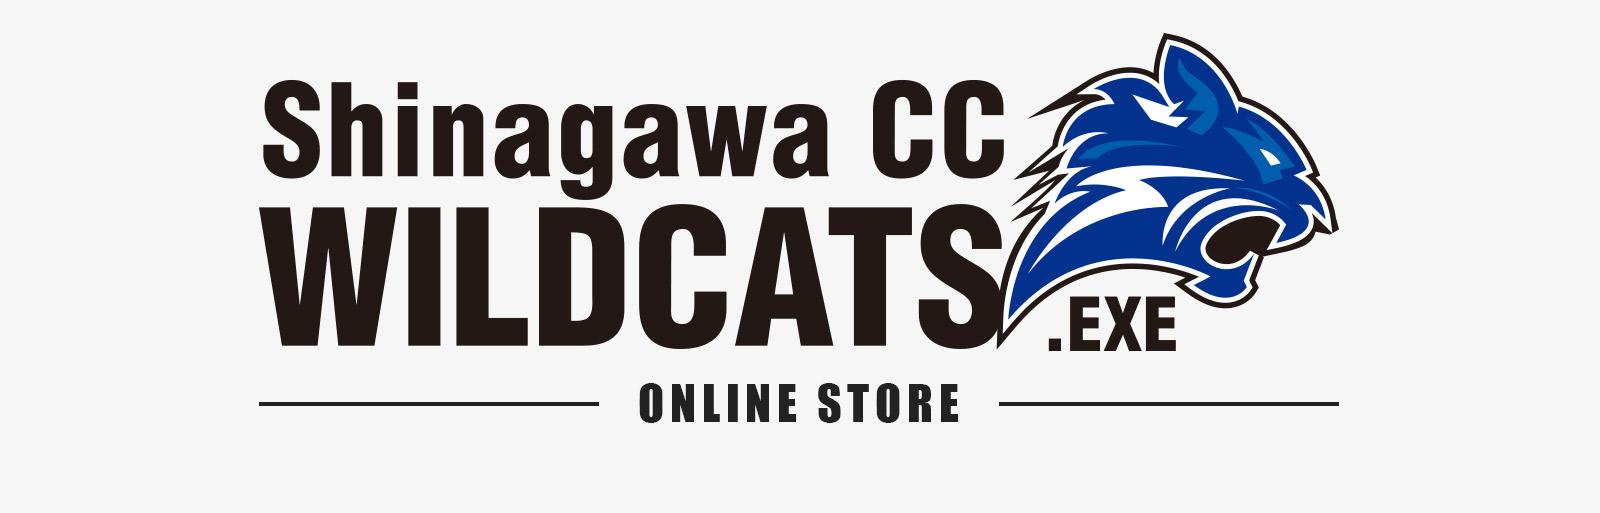 品川CC WILDCATS official store